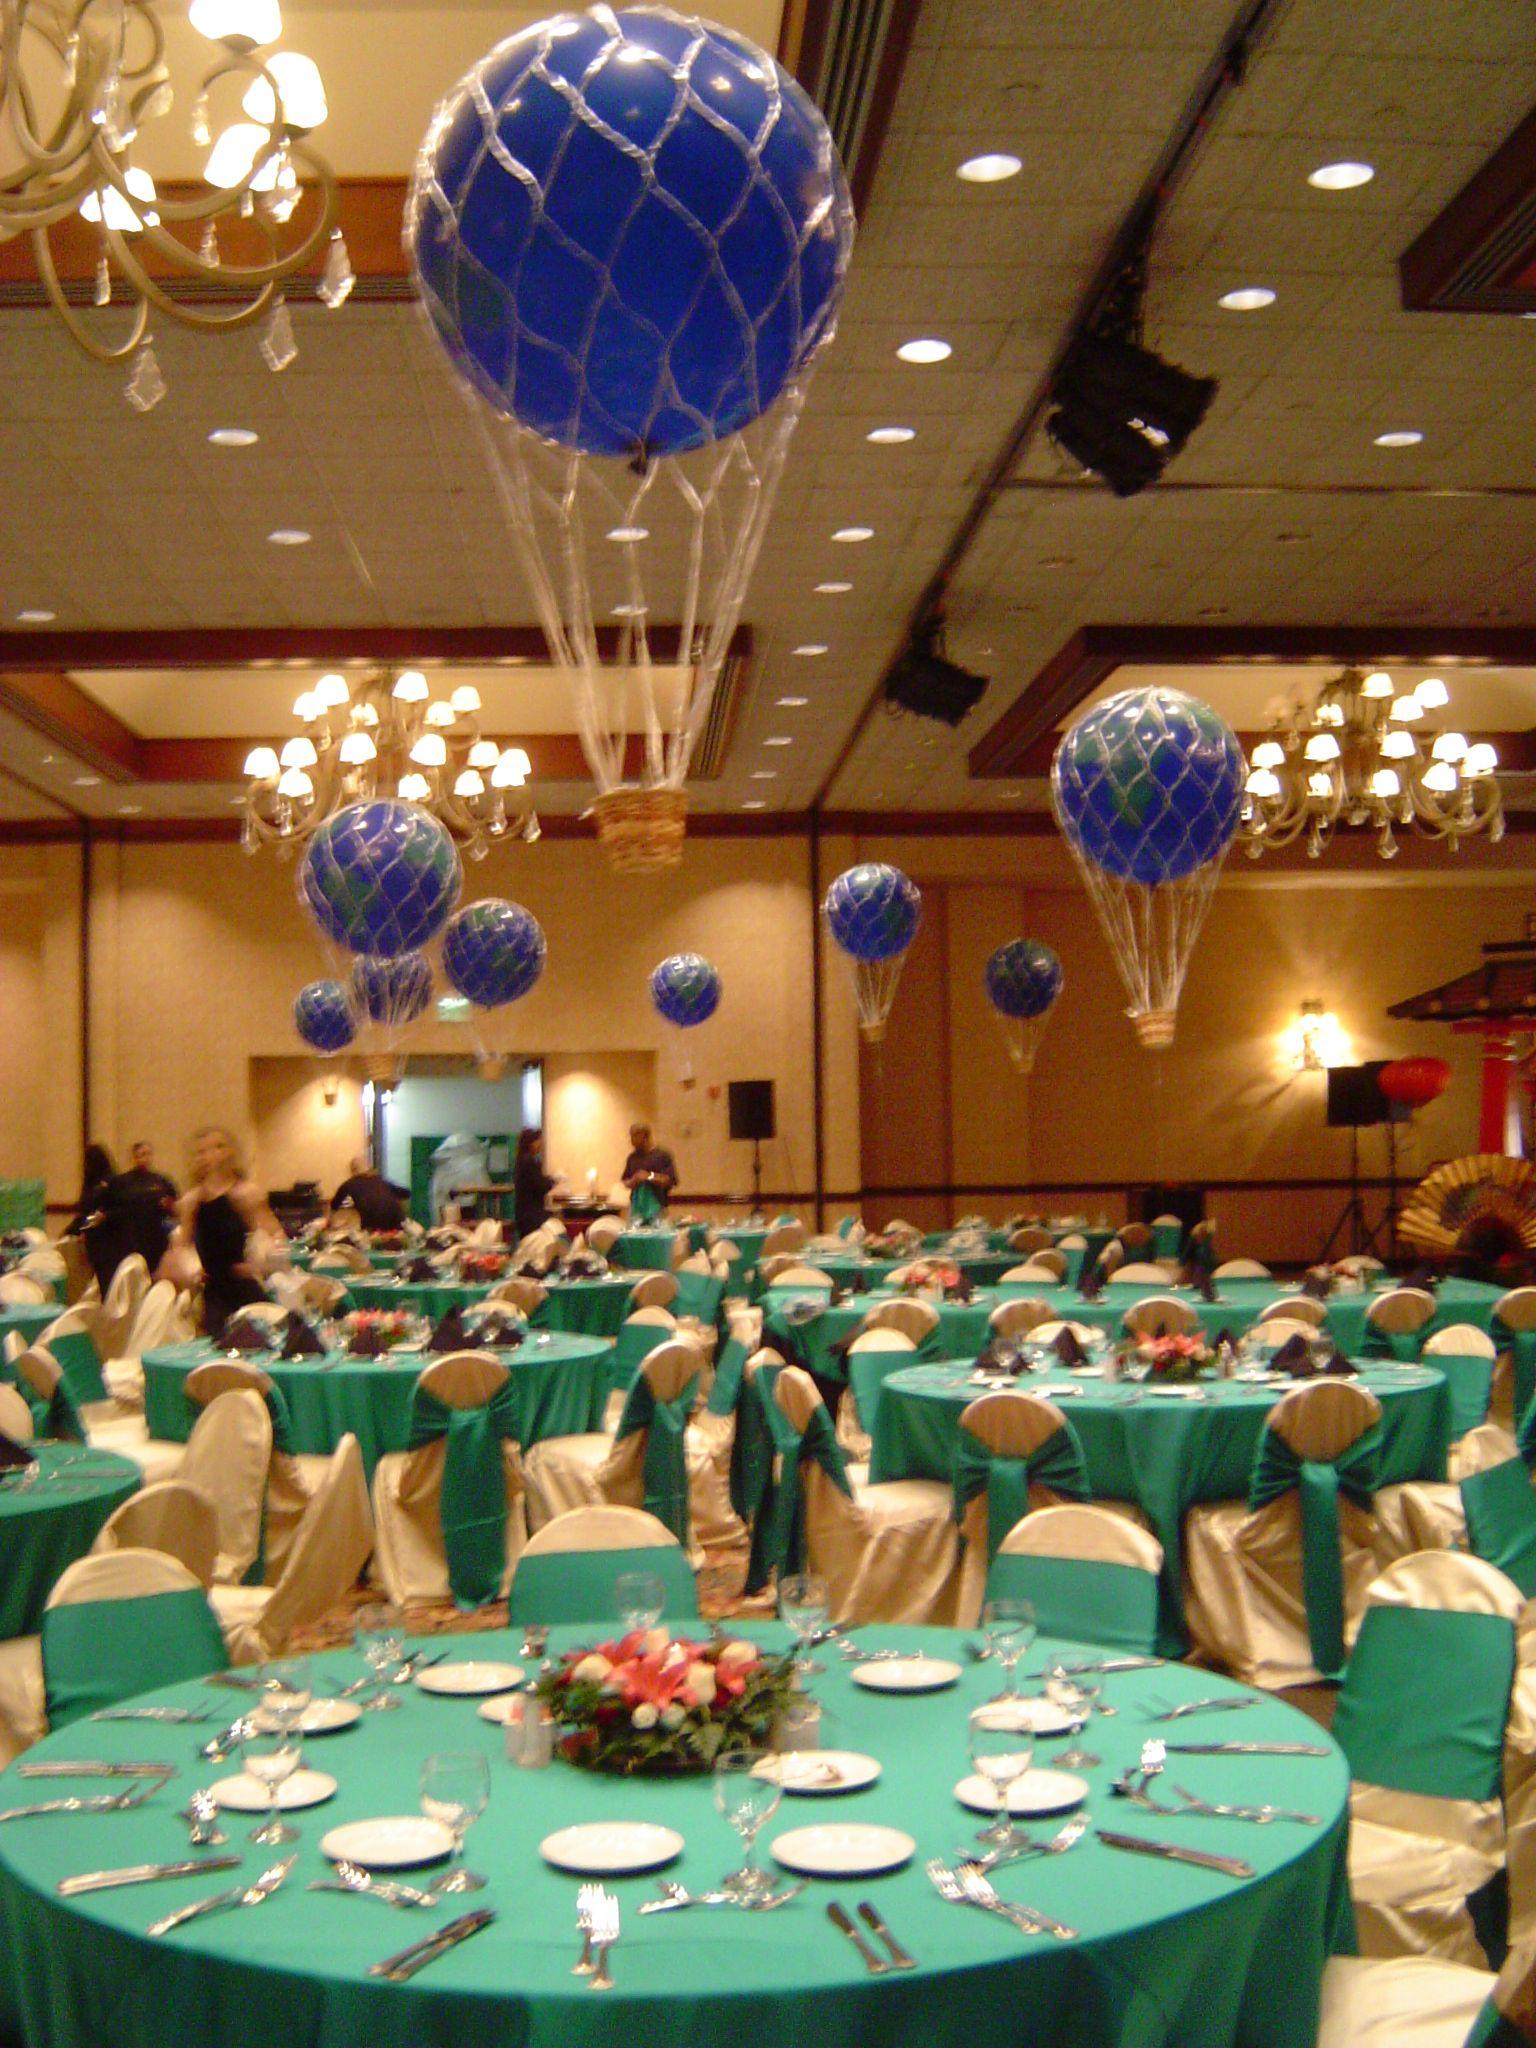 Around The World Dinner Party Ideas Part - 24: Around The World